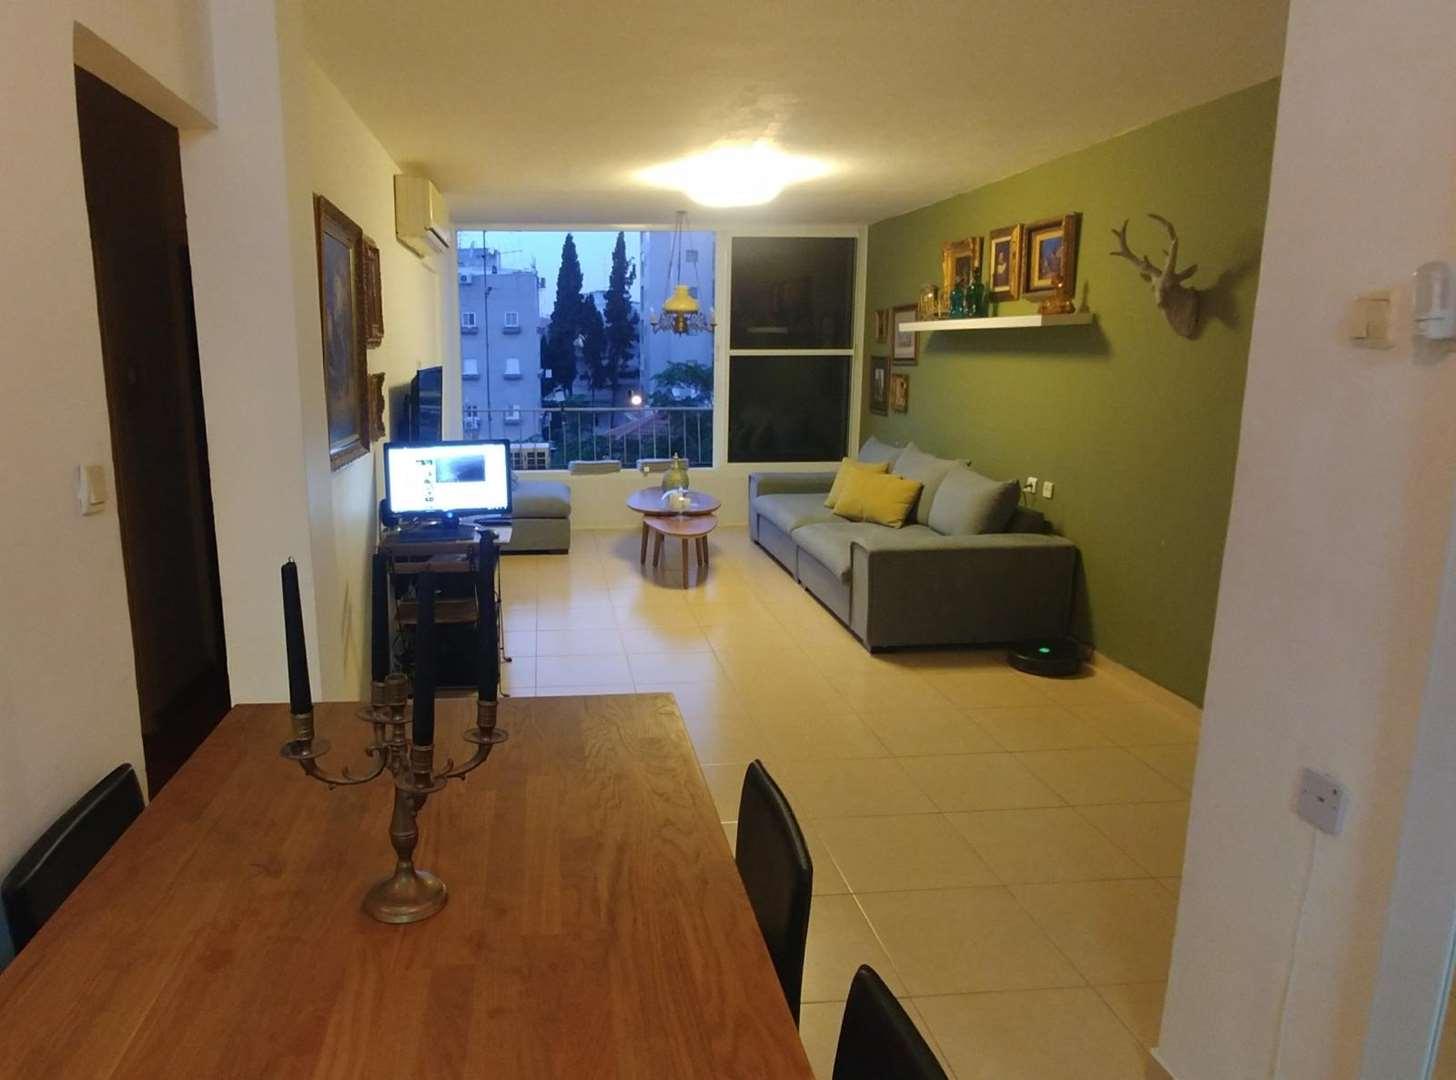 דירה למכירה 3 חדרים בראשון לציון נחמה